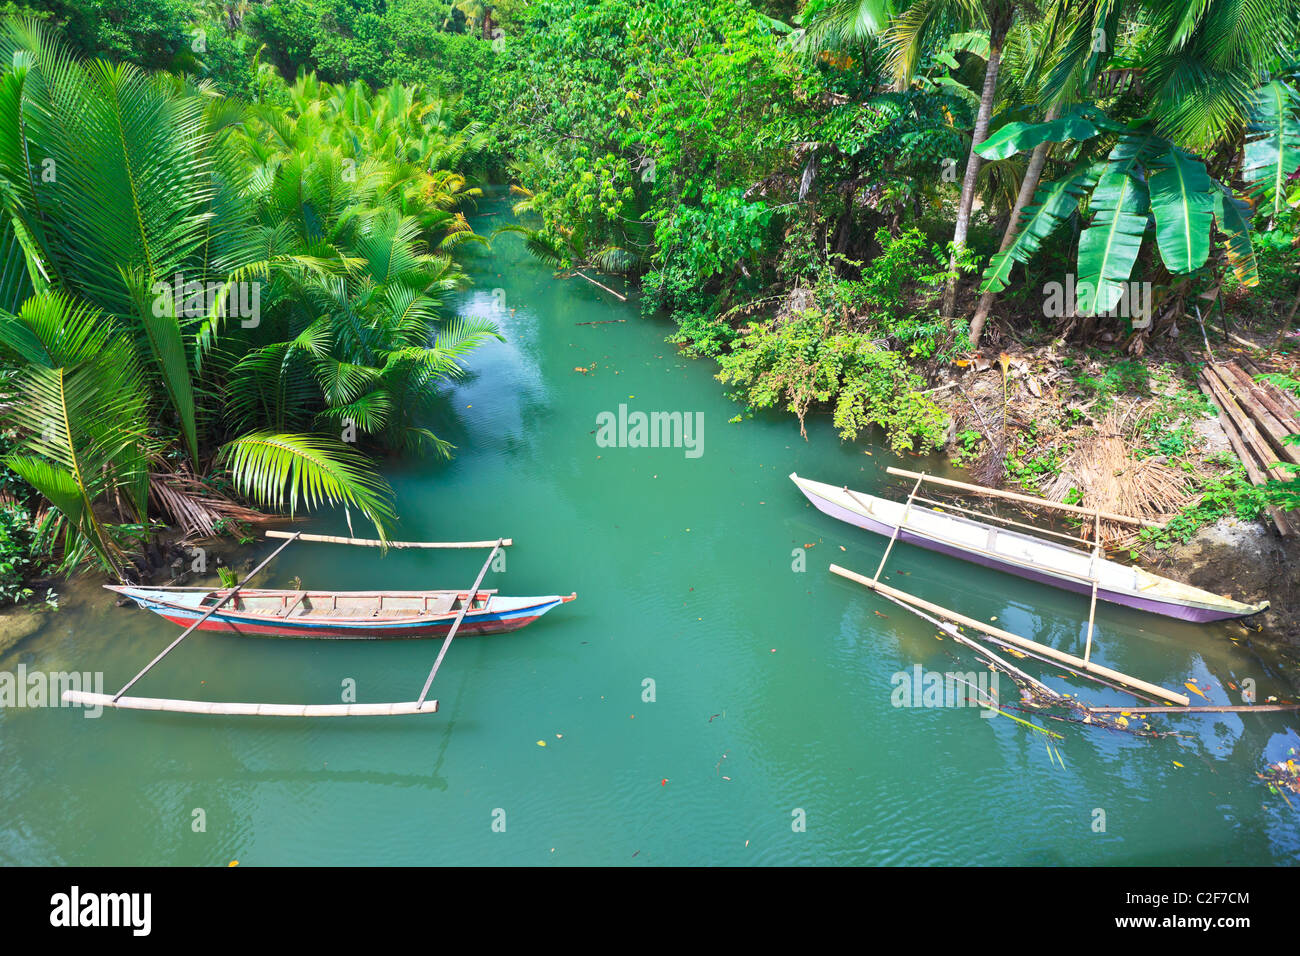 Traditionelle philippinische Boot. Schönen Fluss. Philippinen Stockbild